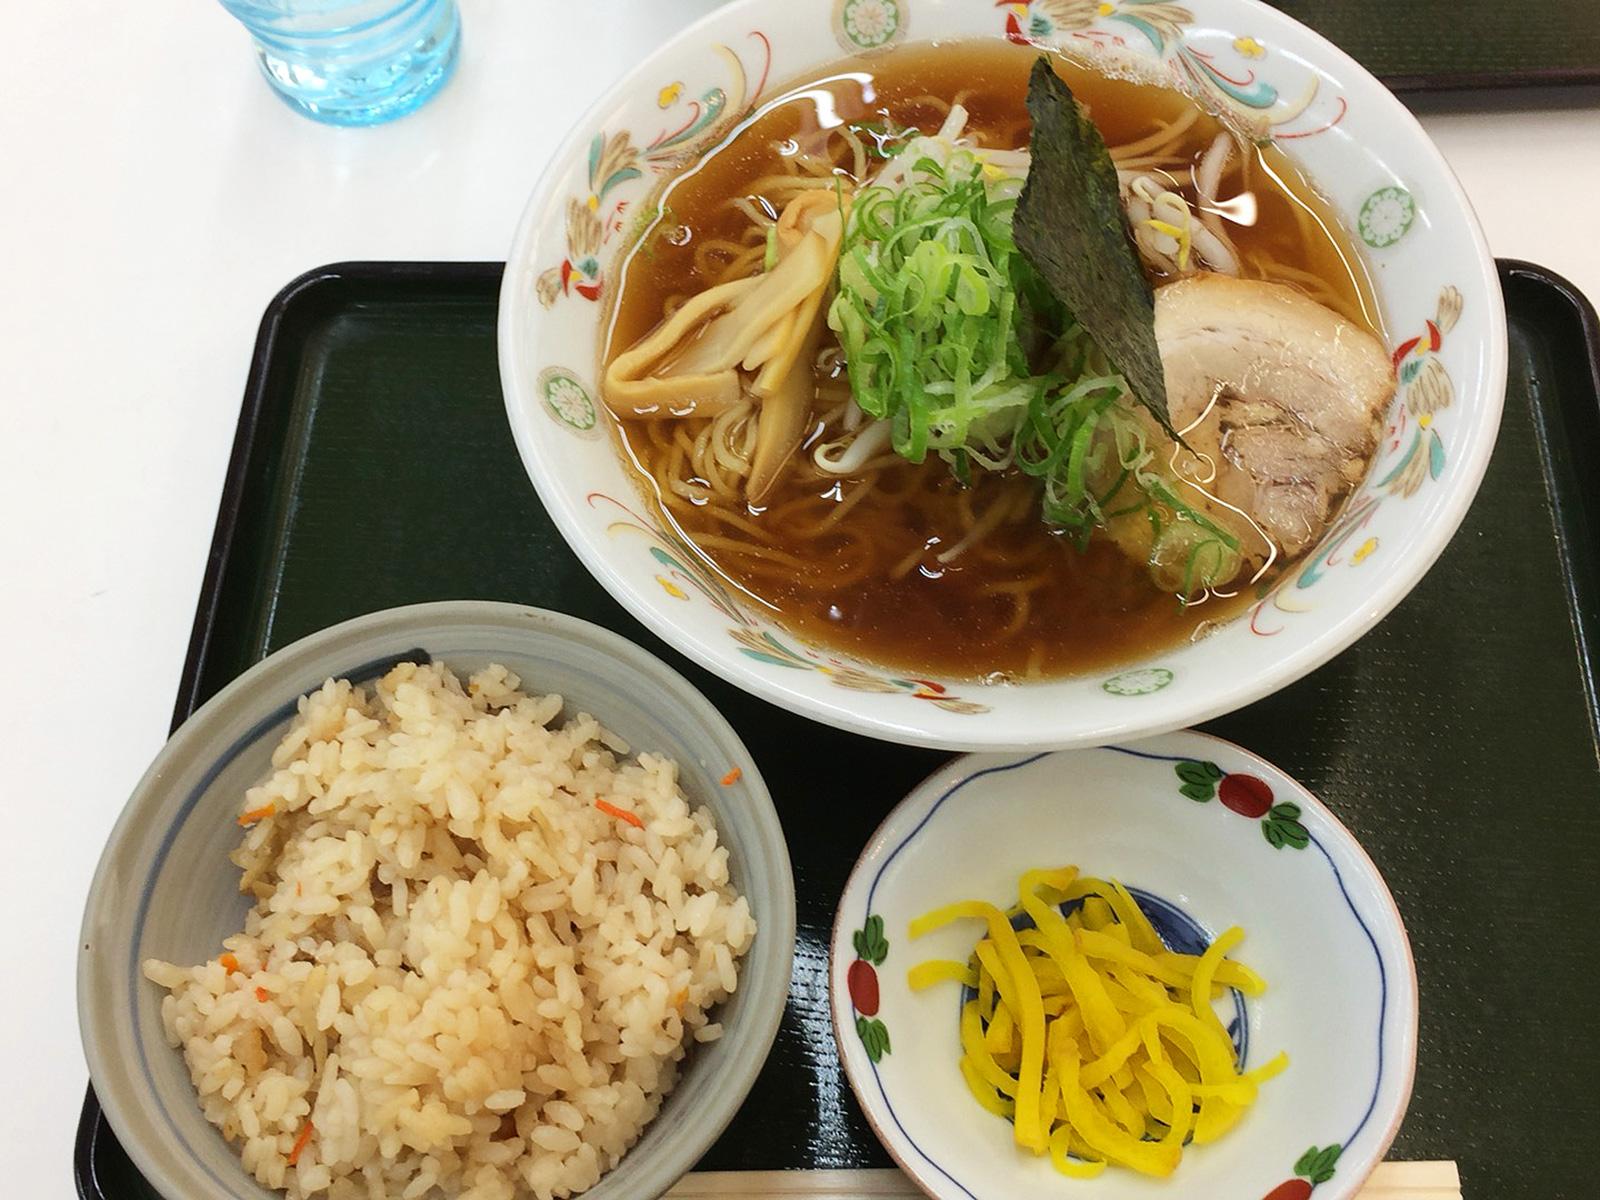 「むつみや」のラーメンと五目ご飯ランチ @下小田井